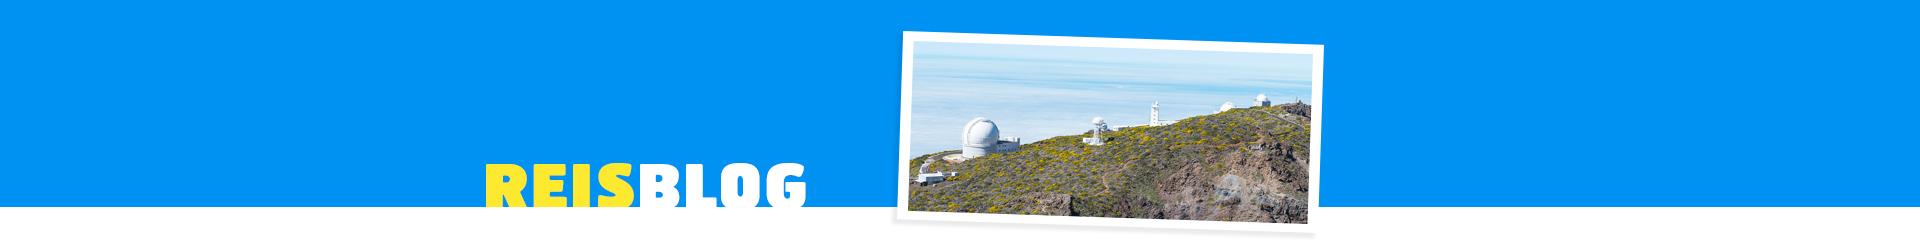 Uitzicht op het landschap van de Canarische Eilanden